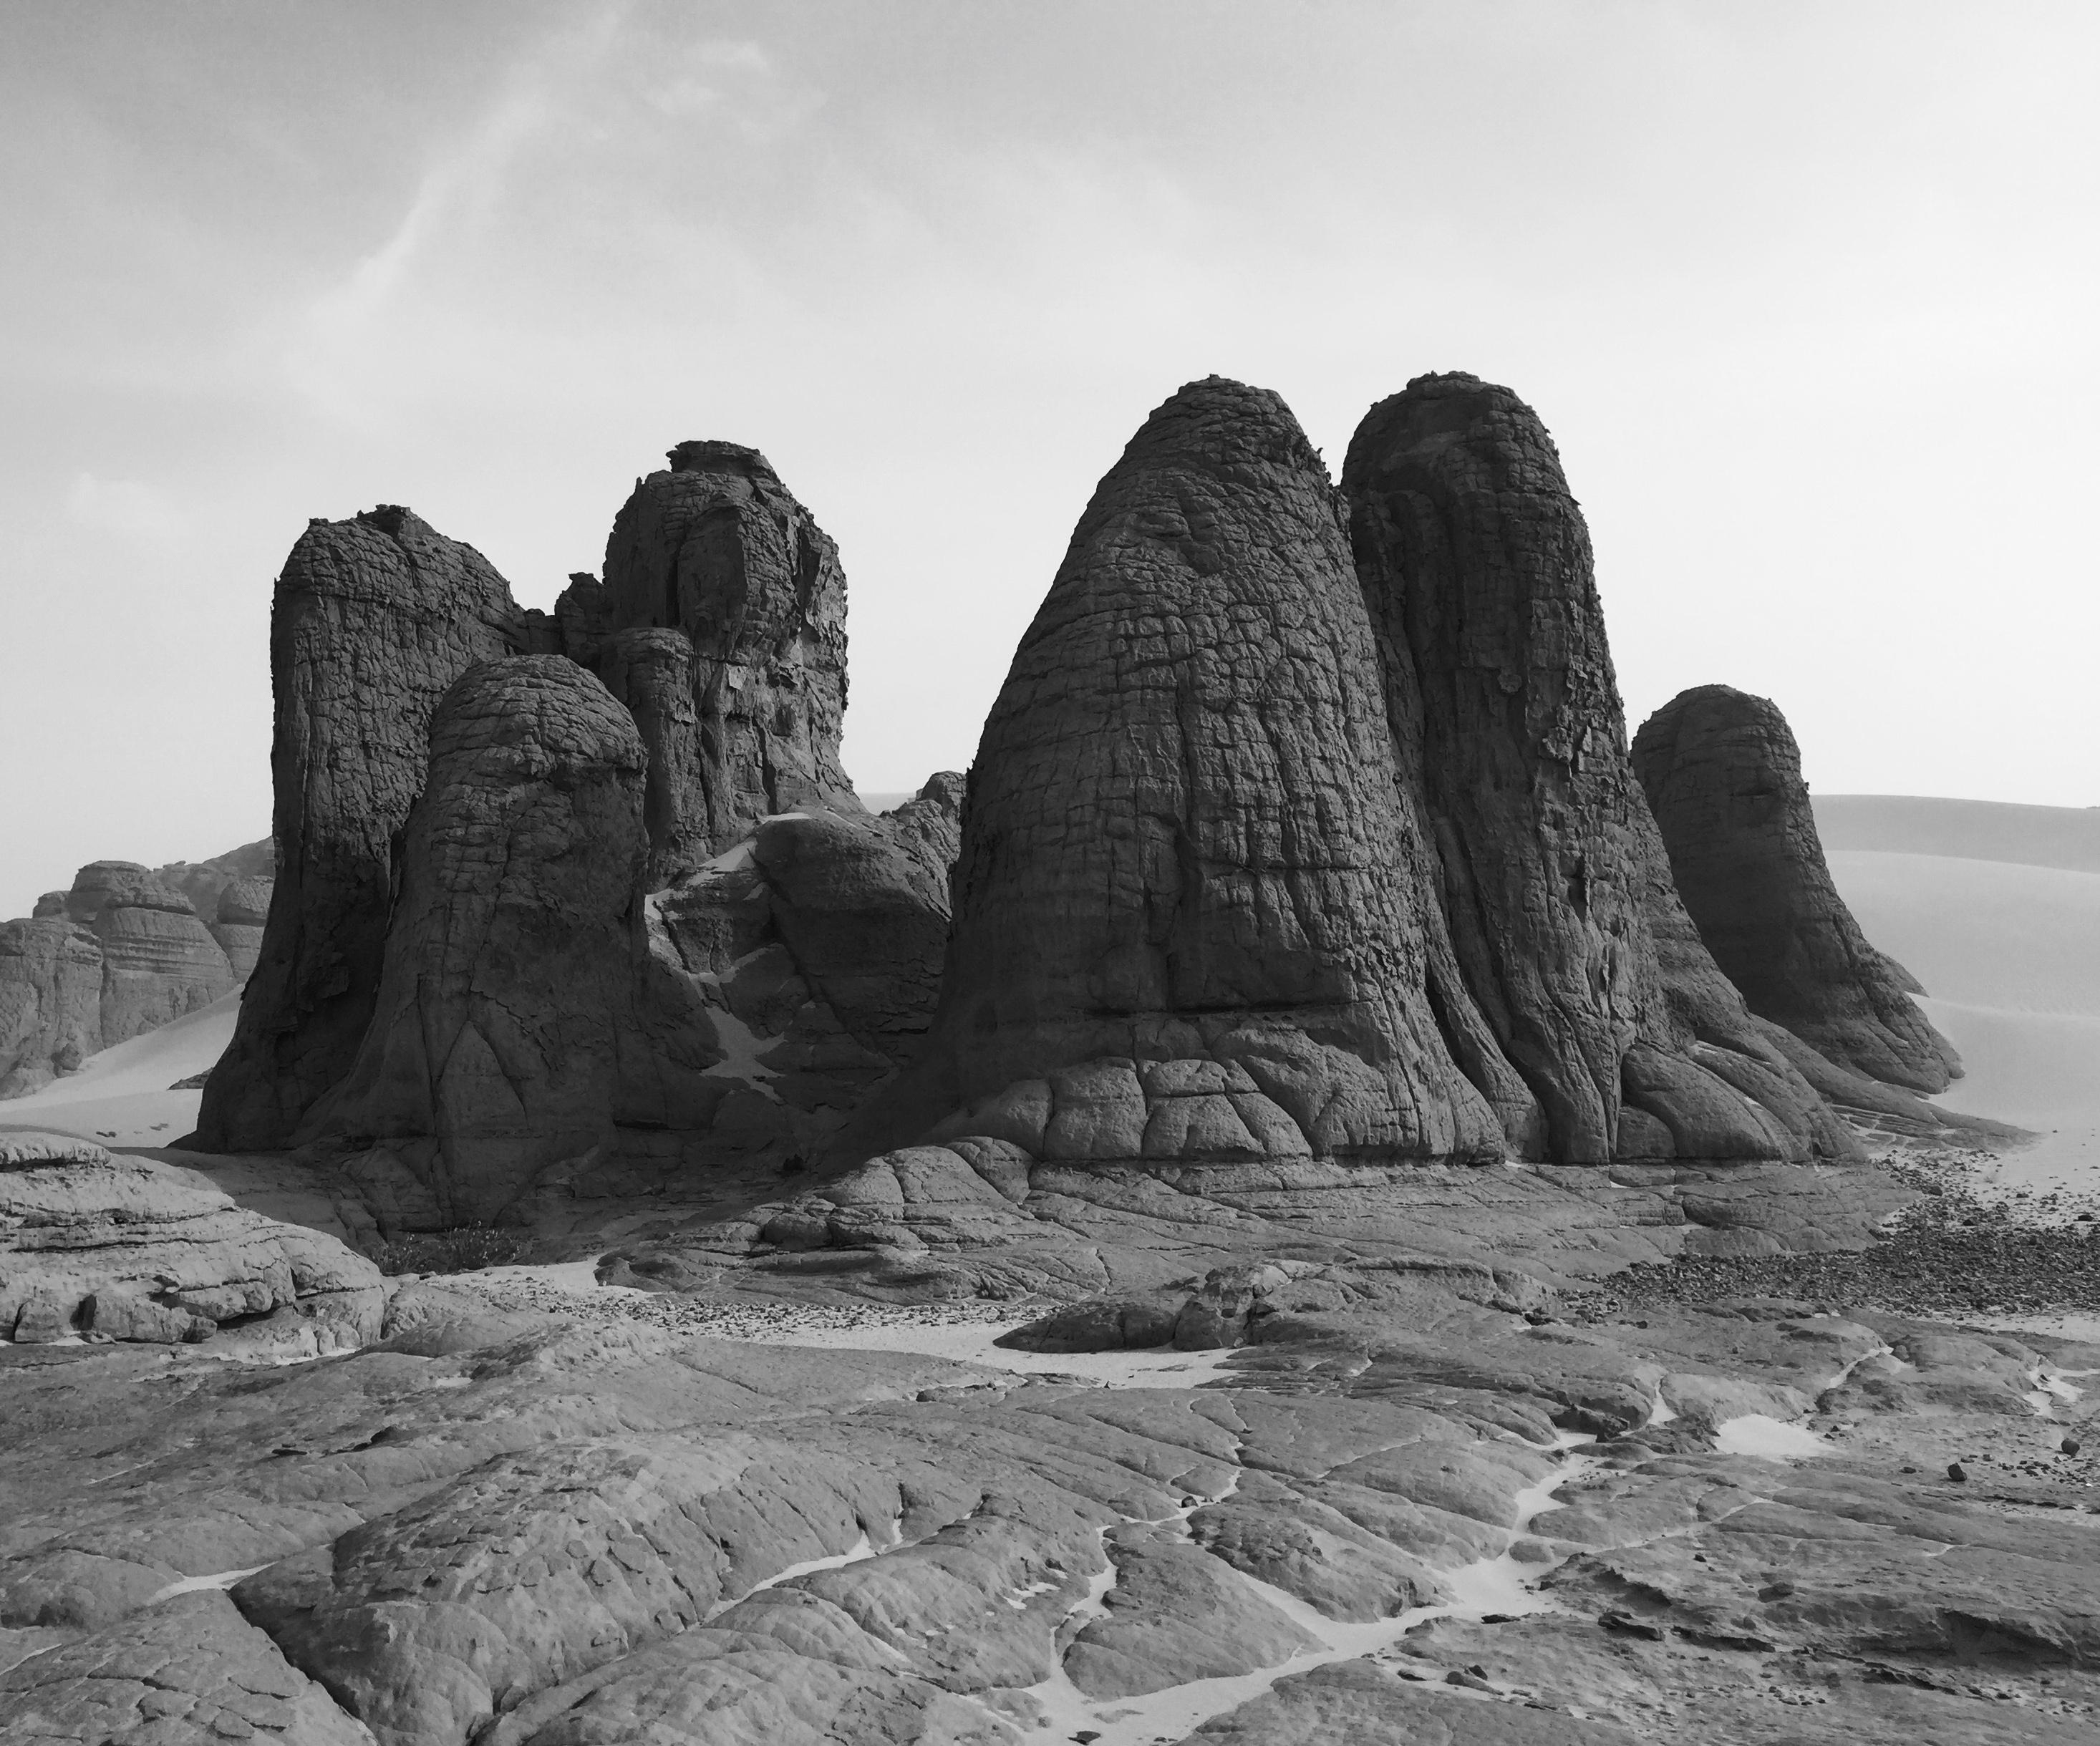 Yacine Bouaziz ~ Tamanrasset Desert 2